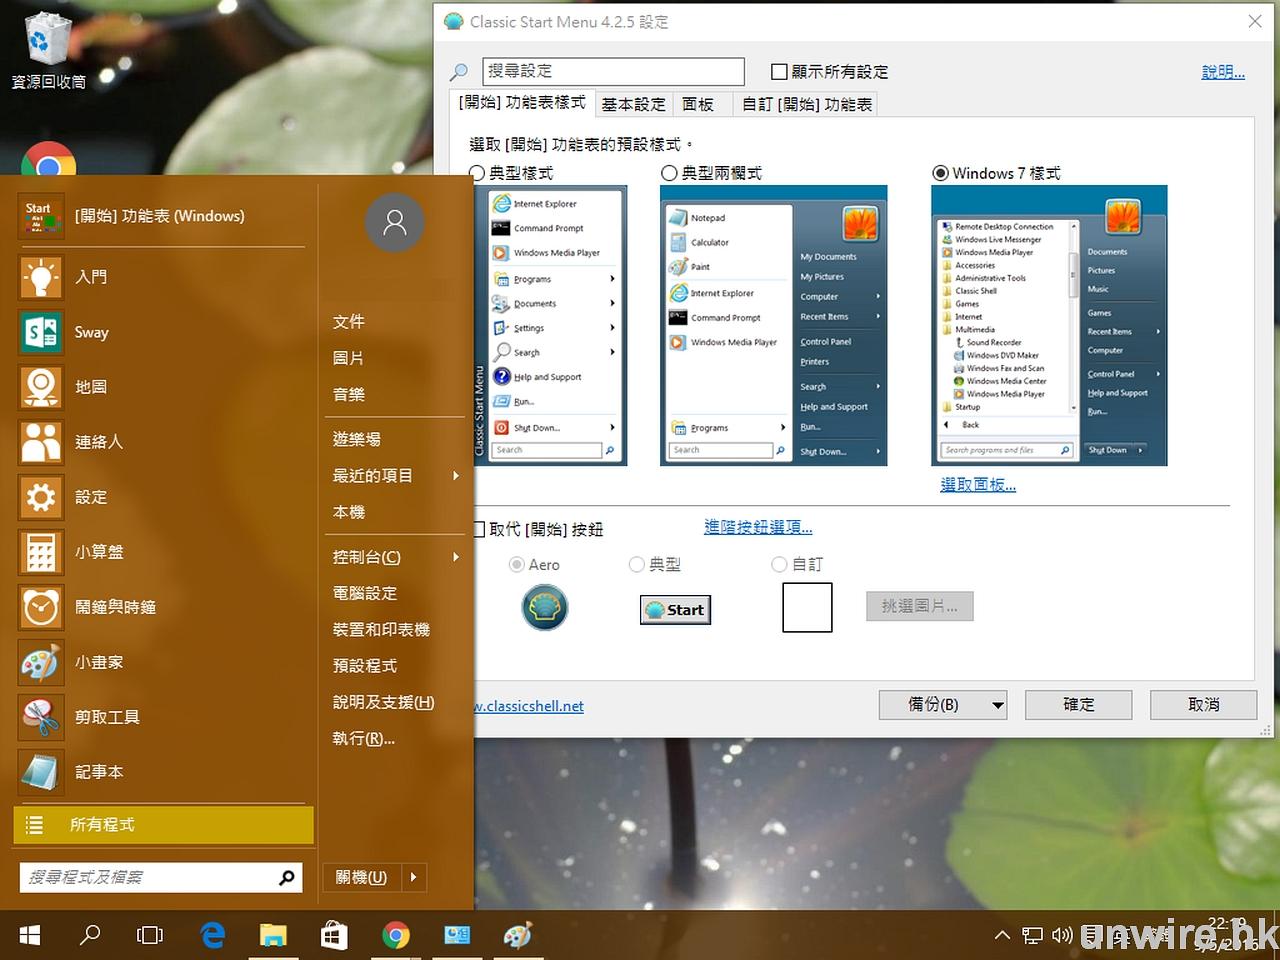 用唔慣 Win 10 新功能表?教你簡單變回 Win 7 / WinXP 樣式